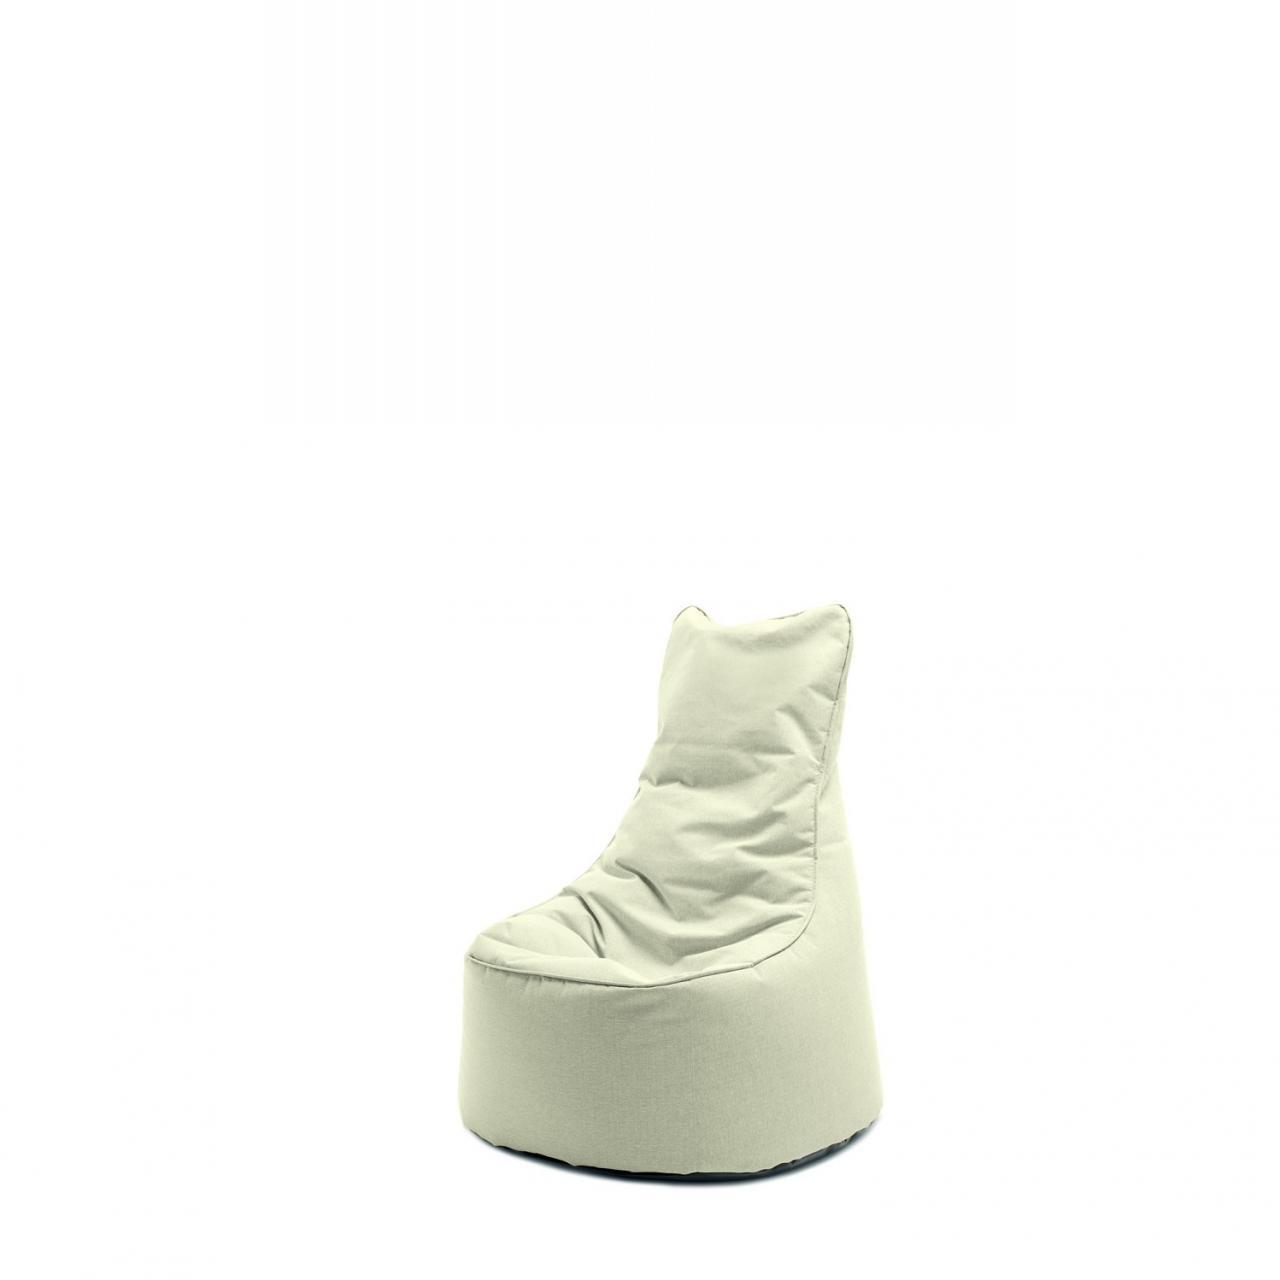 Chill Seat Hellgrün 525019 K